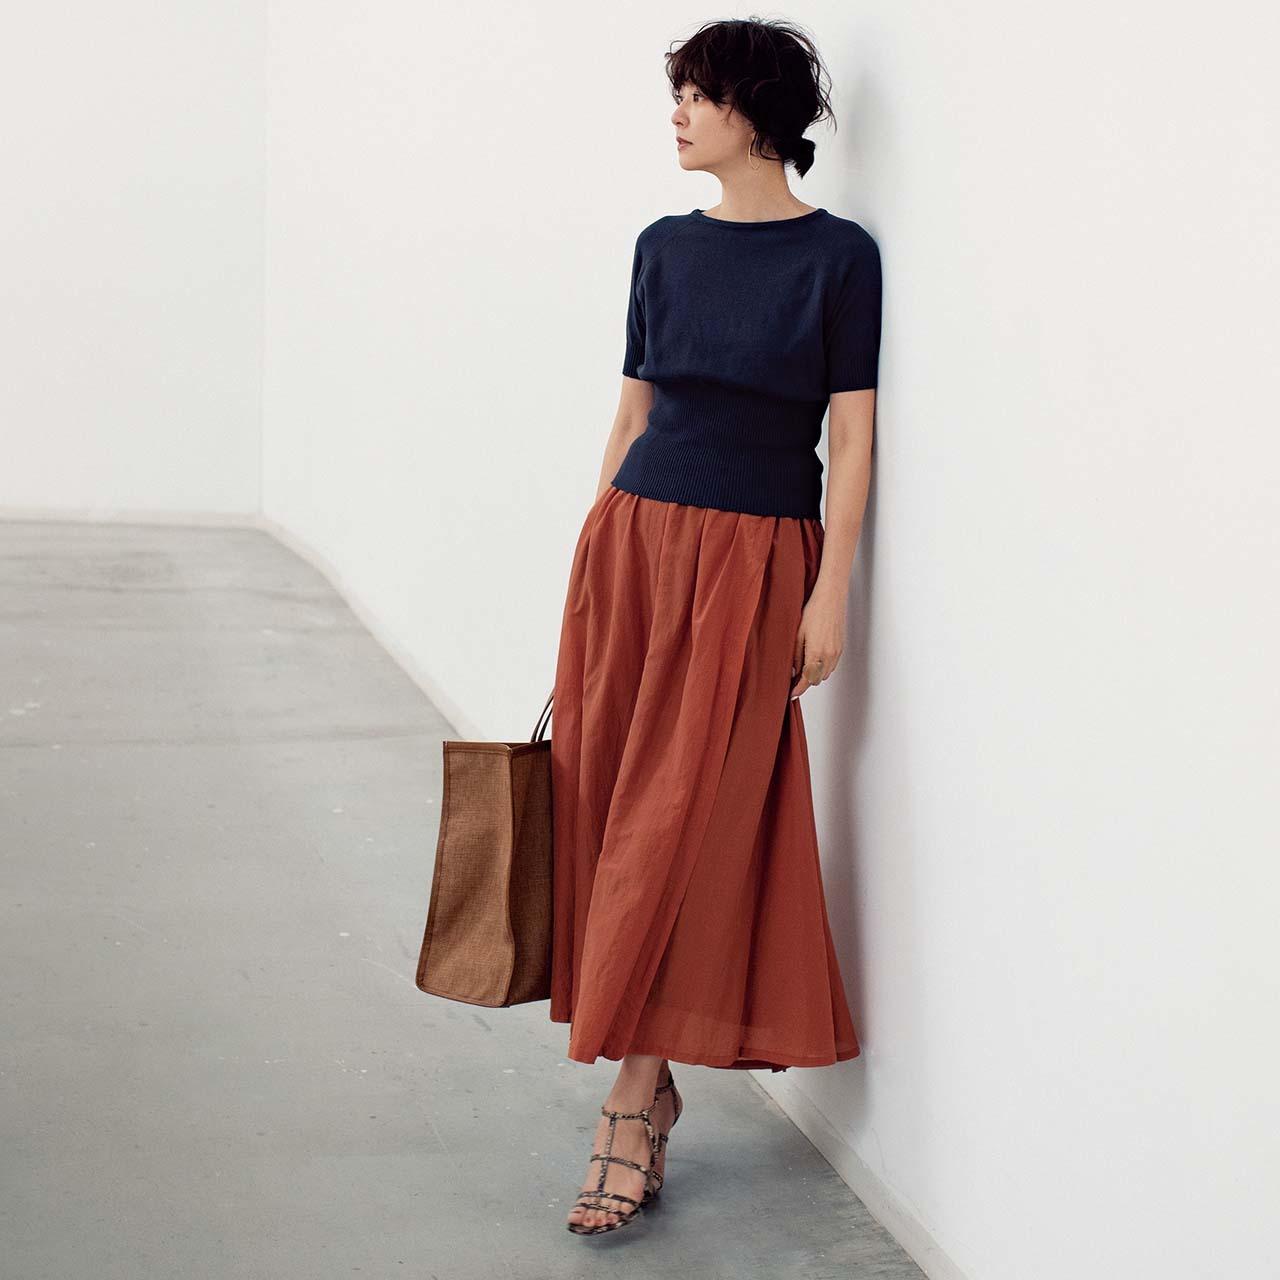 短めすそリブニット×スカートコーデを着用したモデルの五明祐子さん